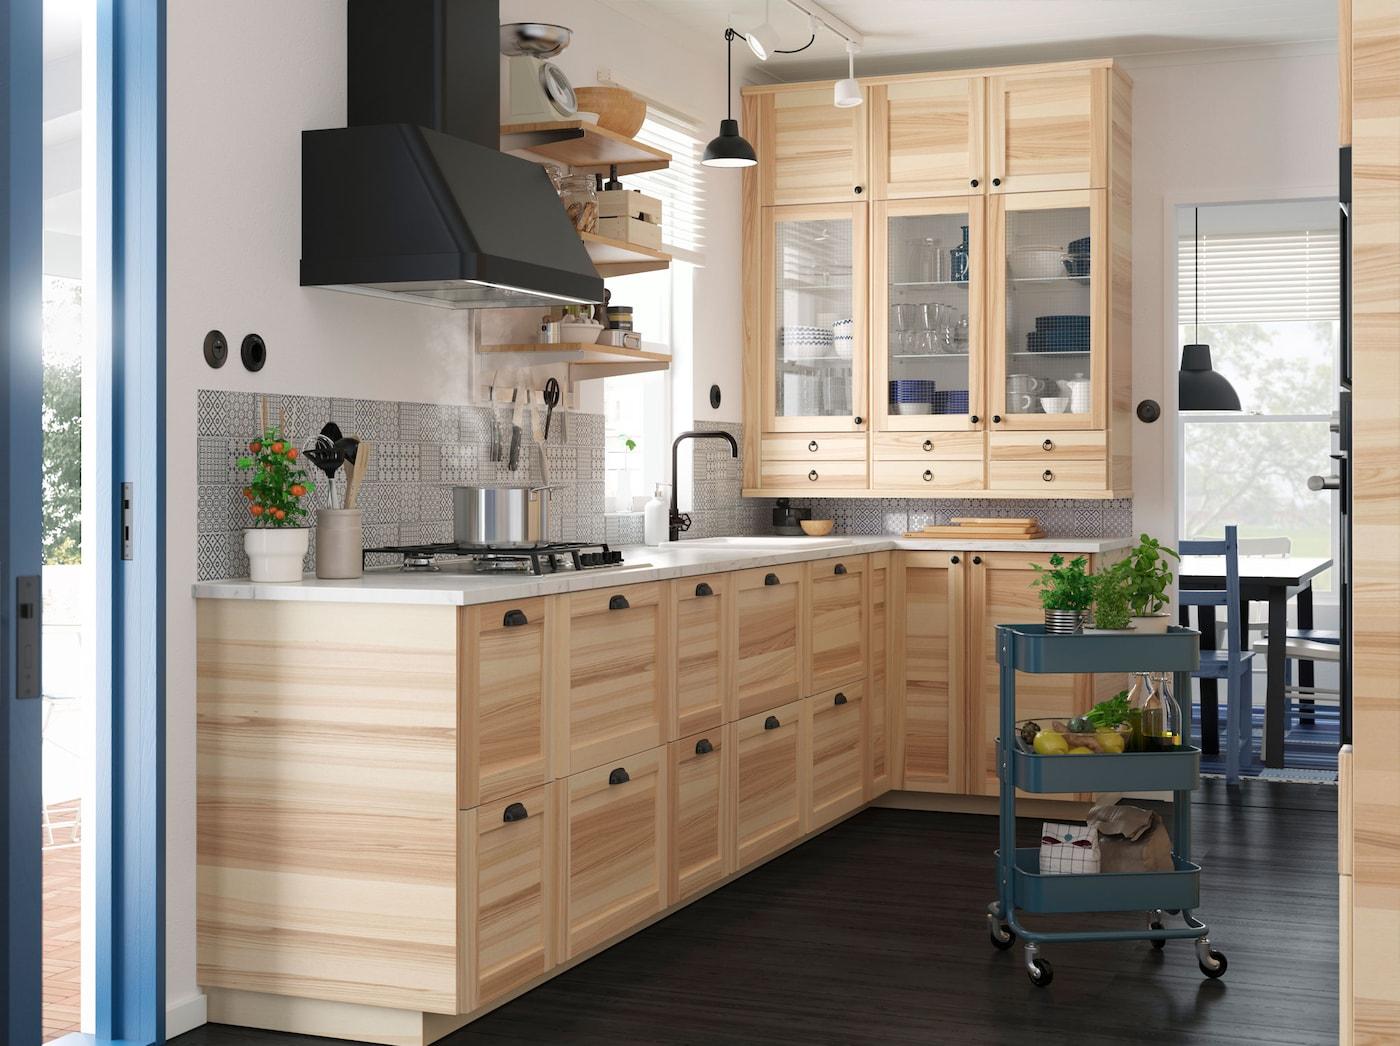 Full Size of Ikea Kchen Offene Regale Pakleiderschrank Eicheneff Wlas Tv Regal Komplette Küche Industrie Müllschrank Apothekerschrank Betten 160x200 Fliesenspiegel Wohnzimmer Ikea Küche Regal